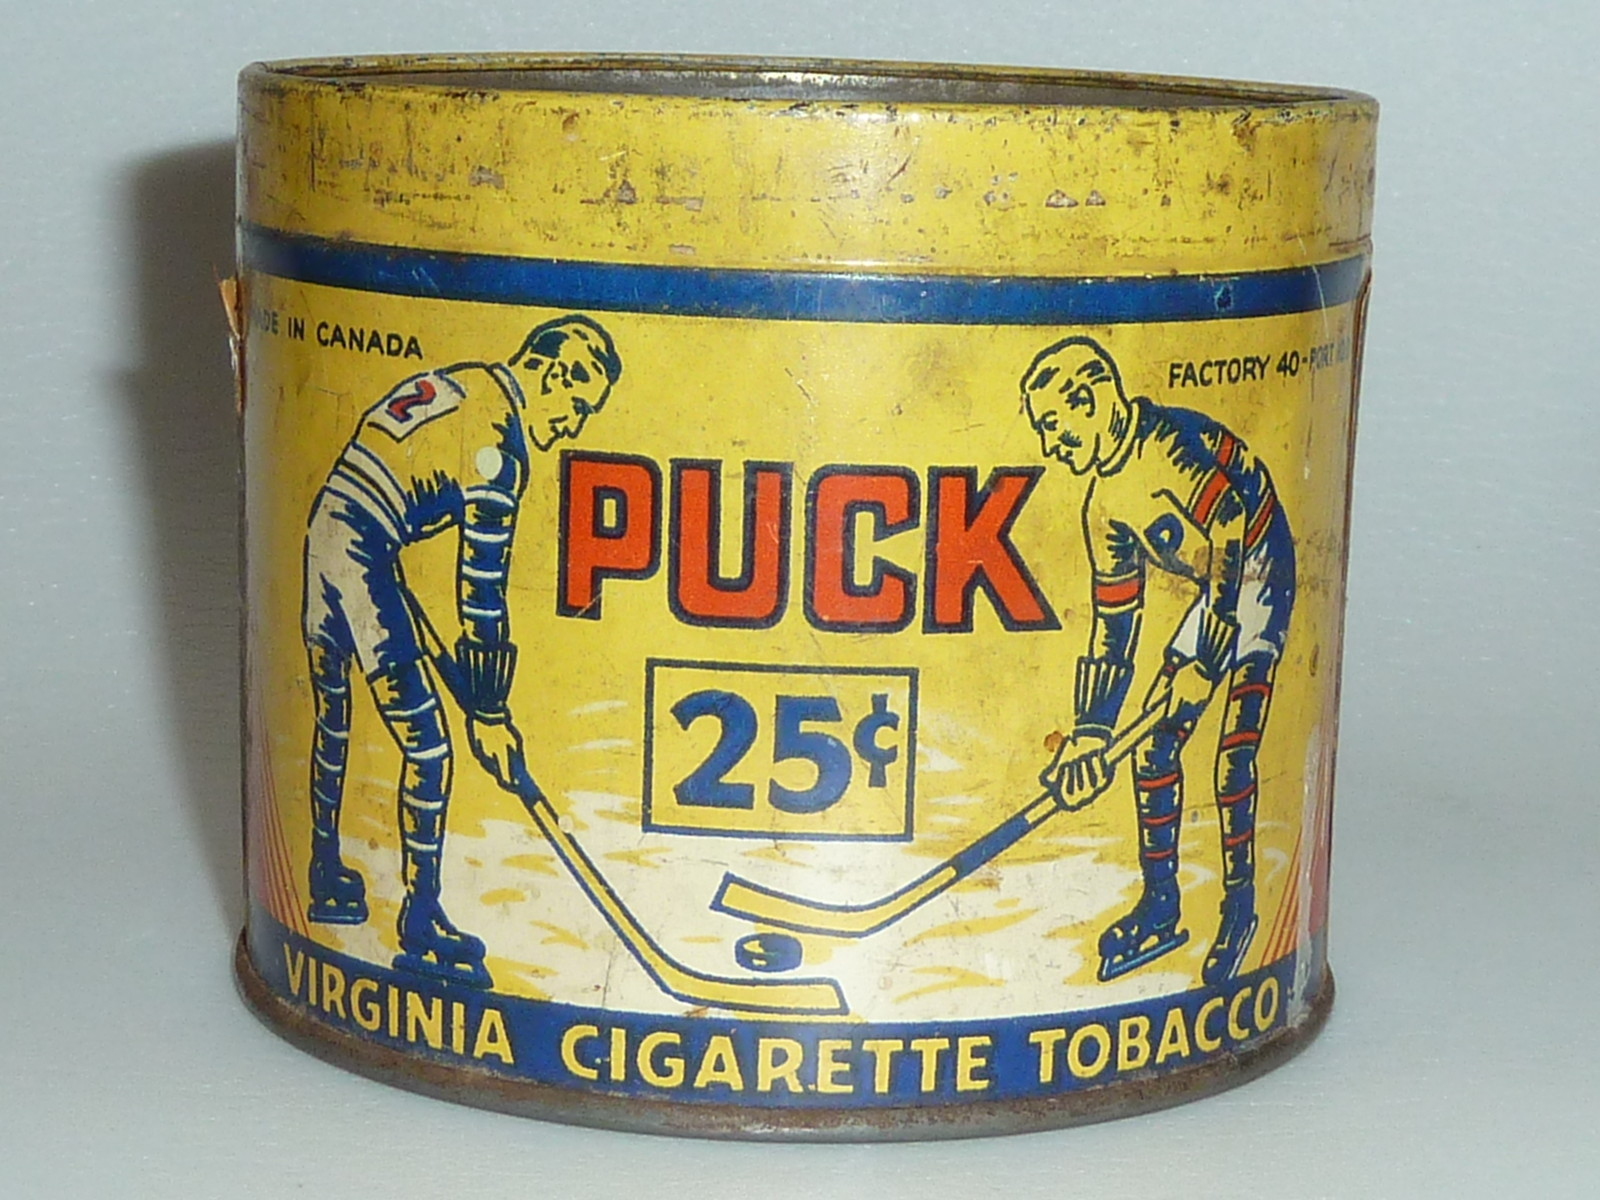 Puck Tobacco Tin Virginia Cigarette Tobacco 1915